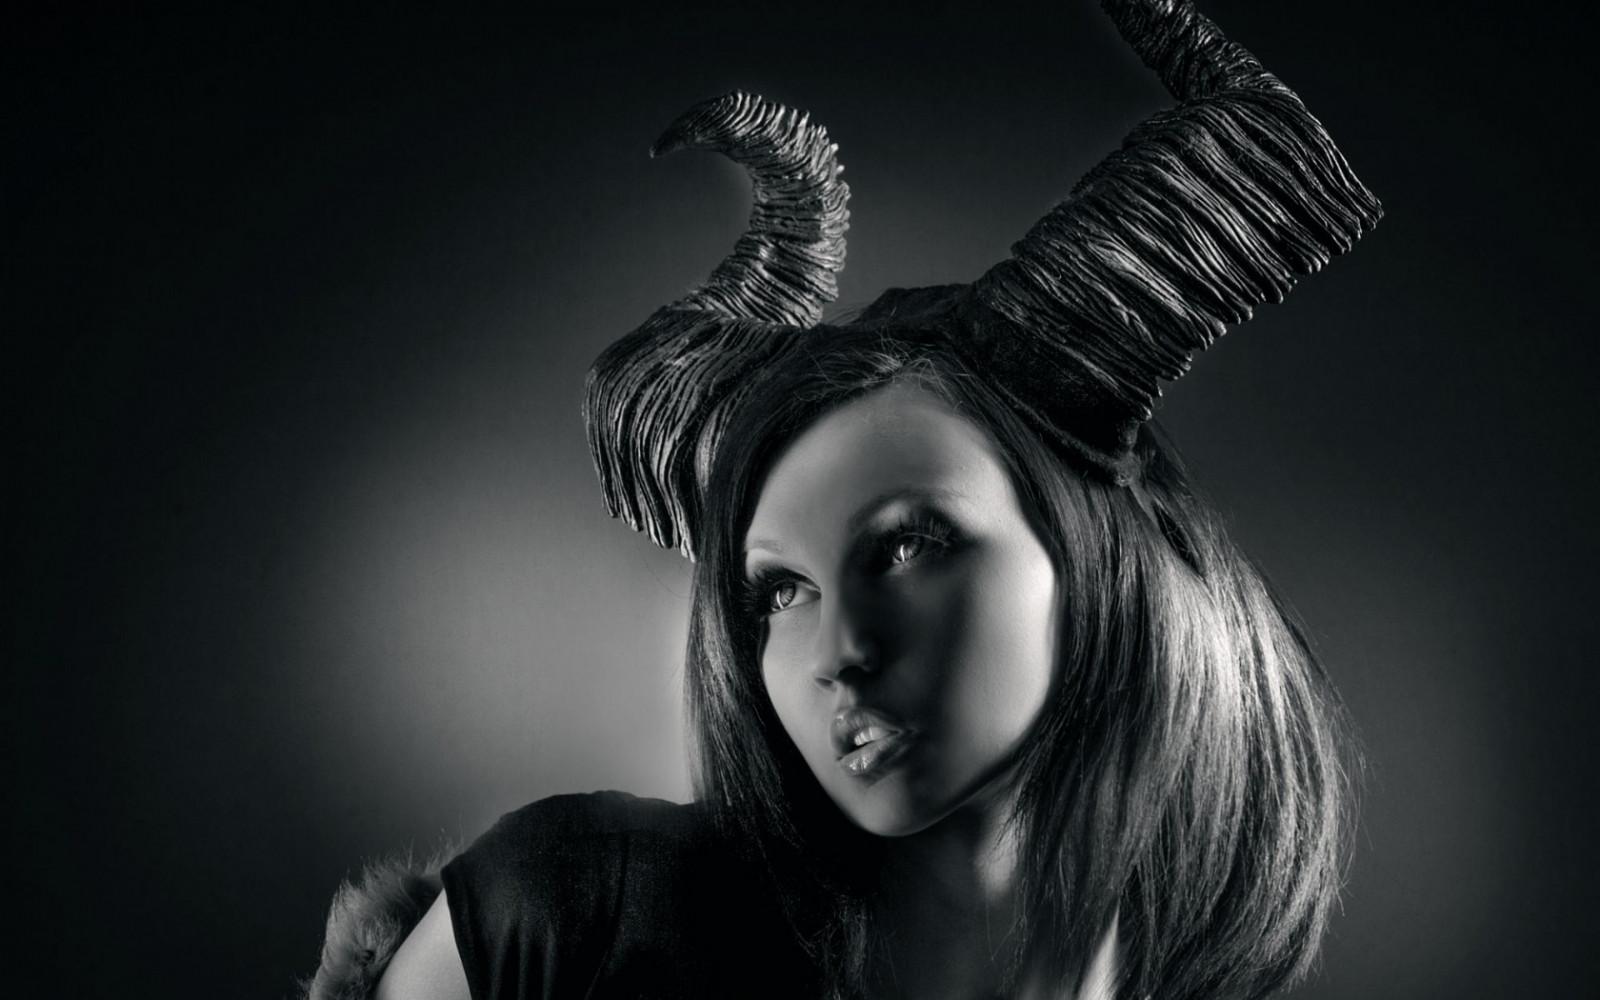 Картинки девушка дьявол красивые, открытку воцапе